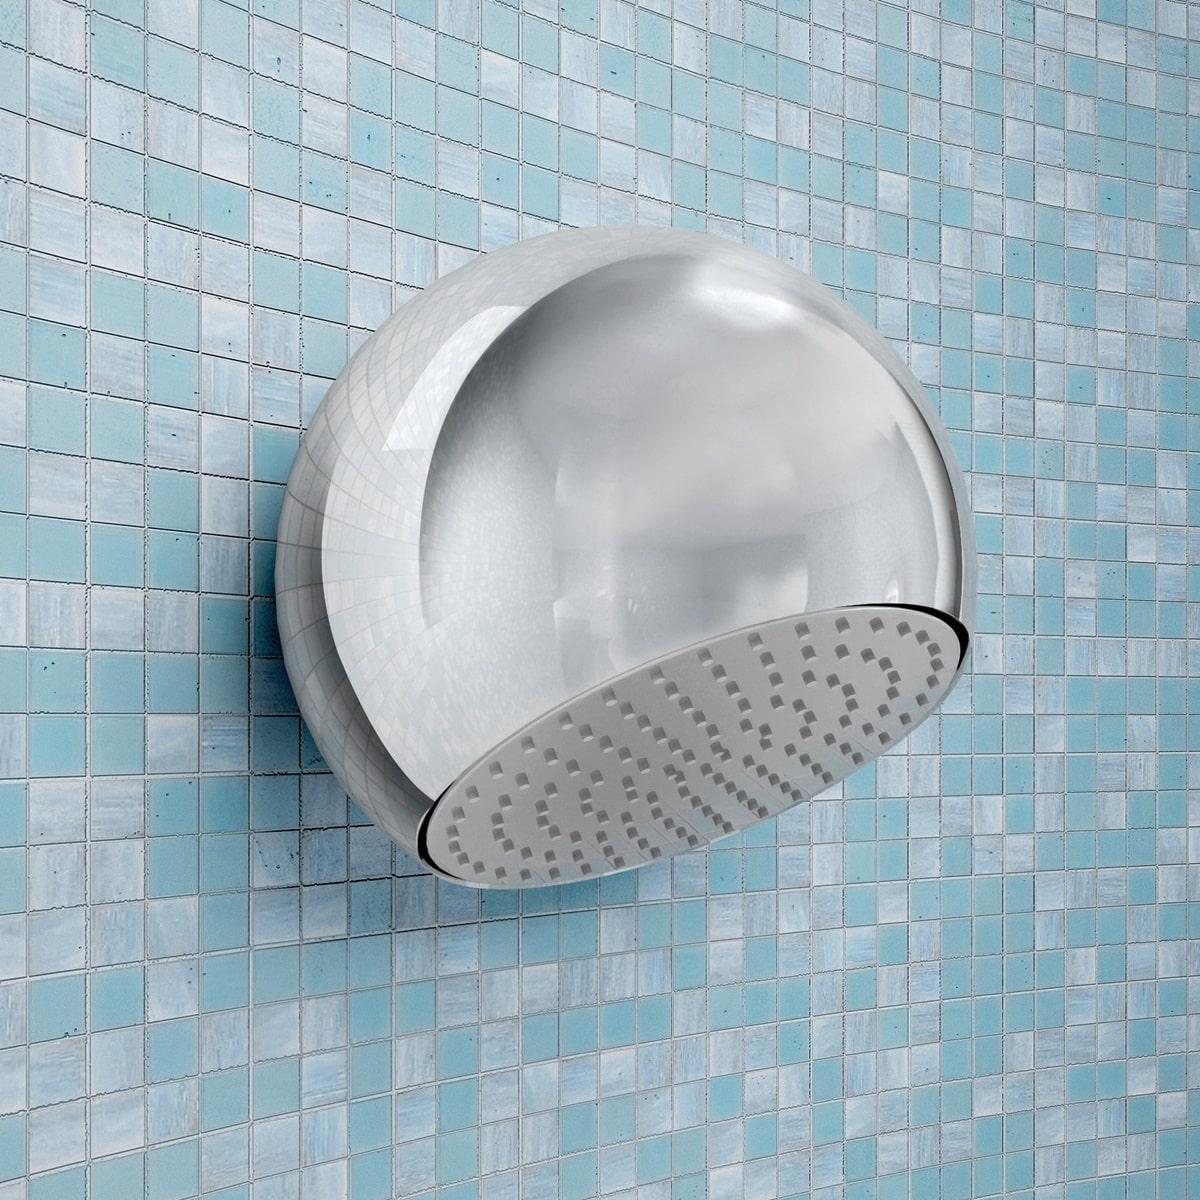 Typy sprchových hlavic 5